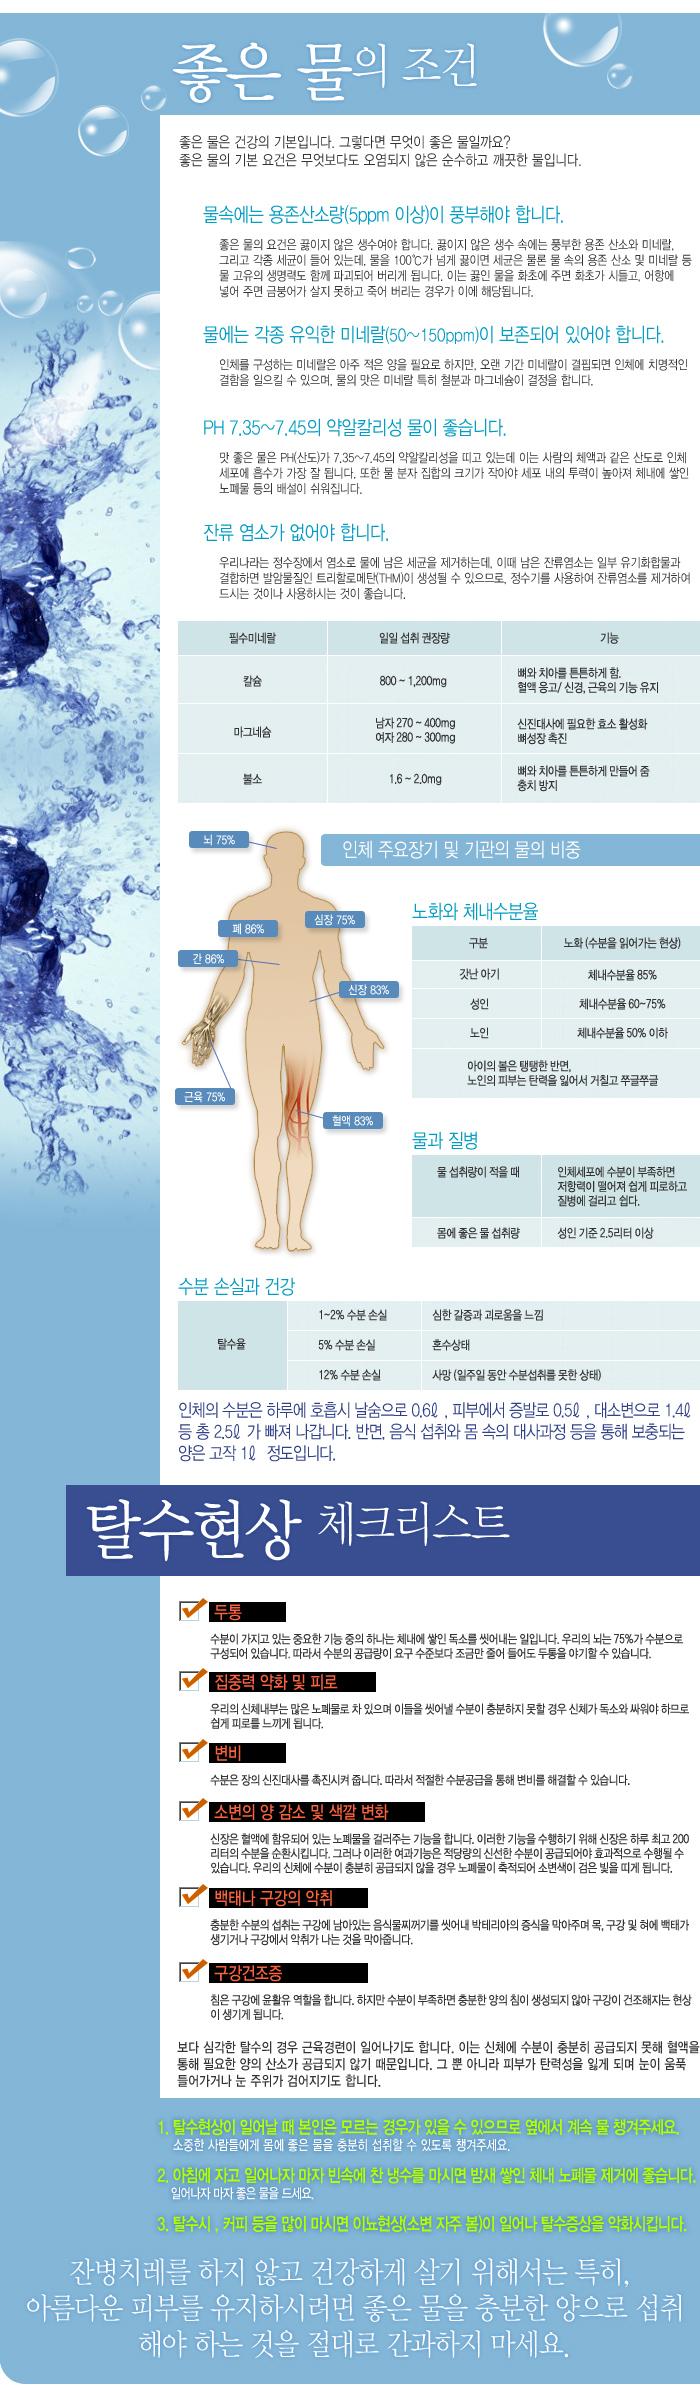 005_comm_water.jpg